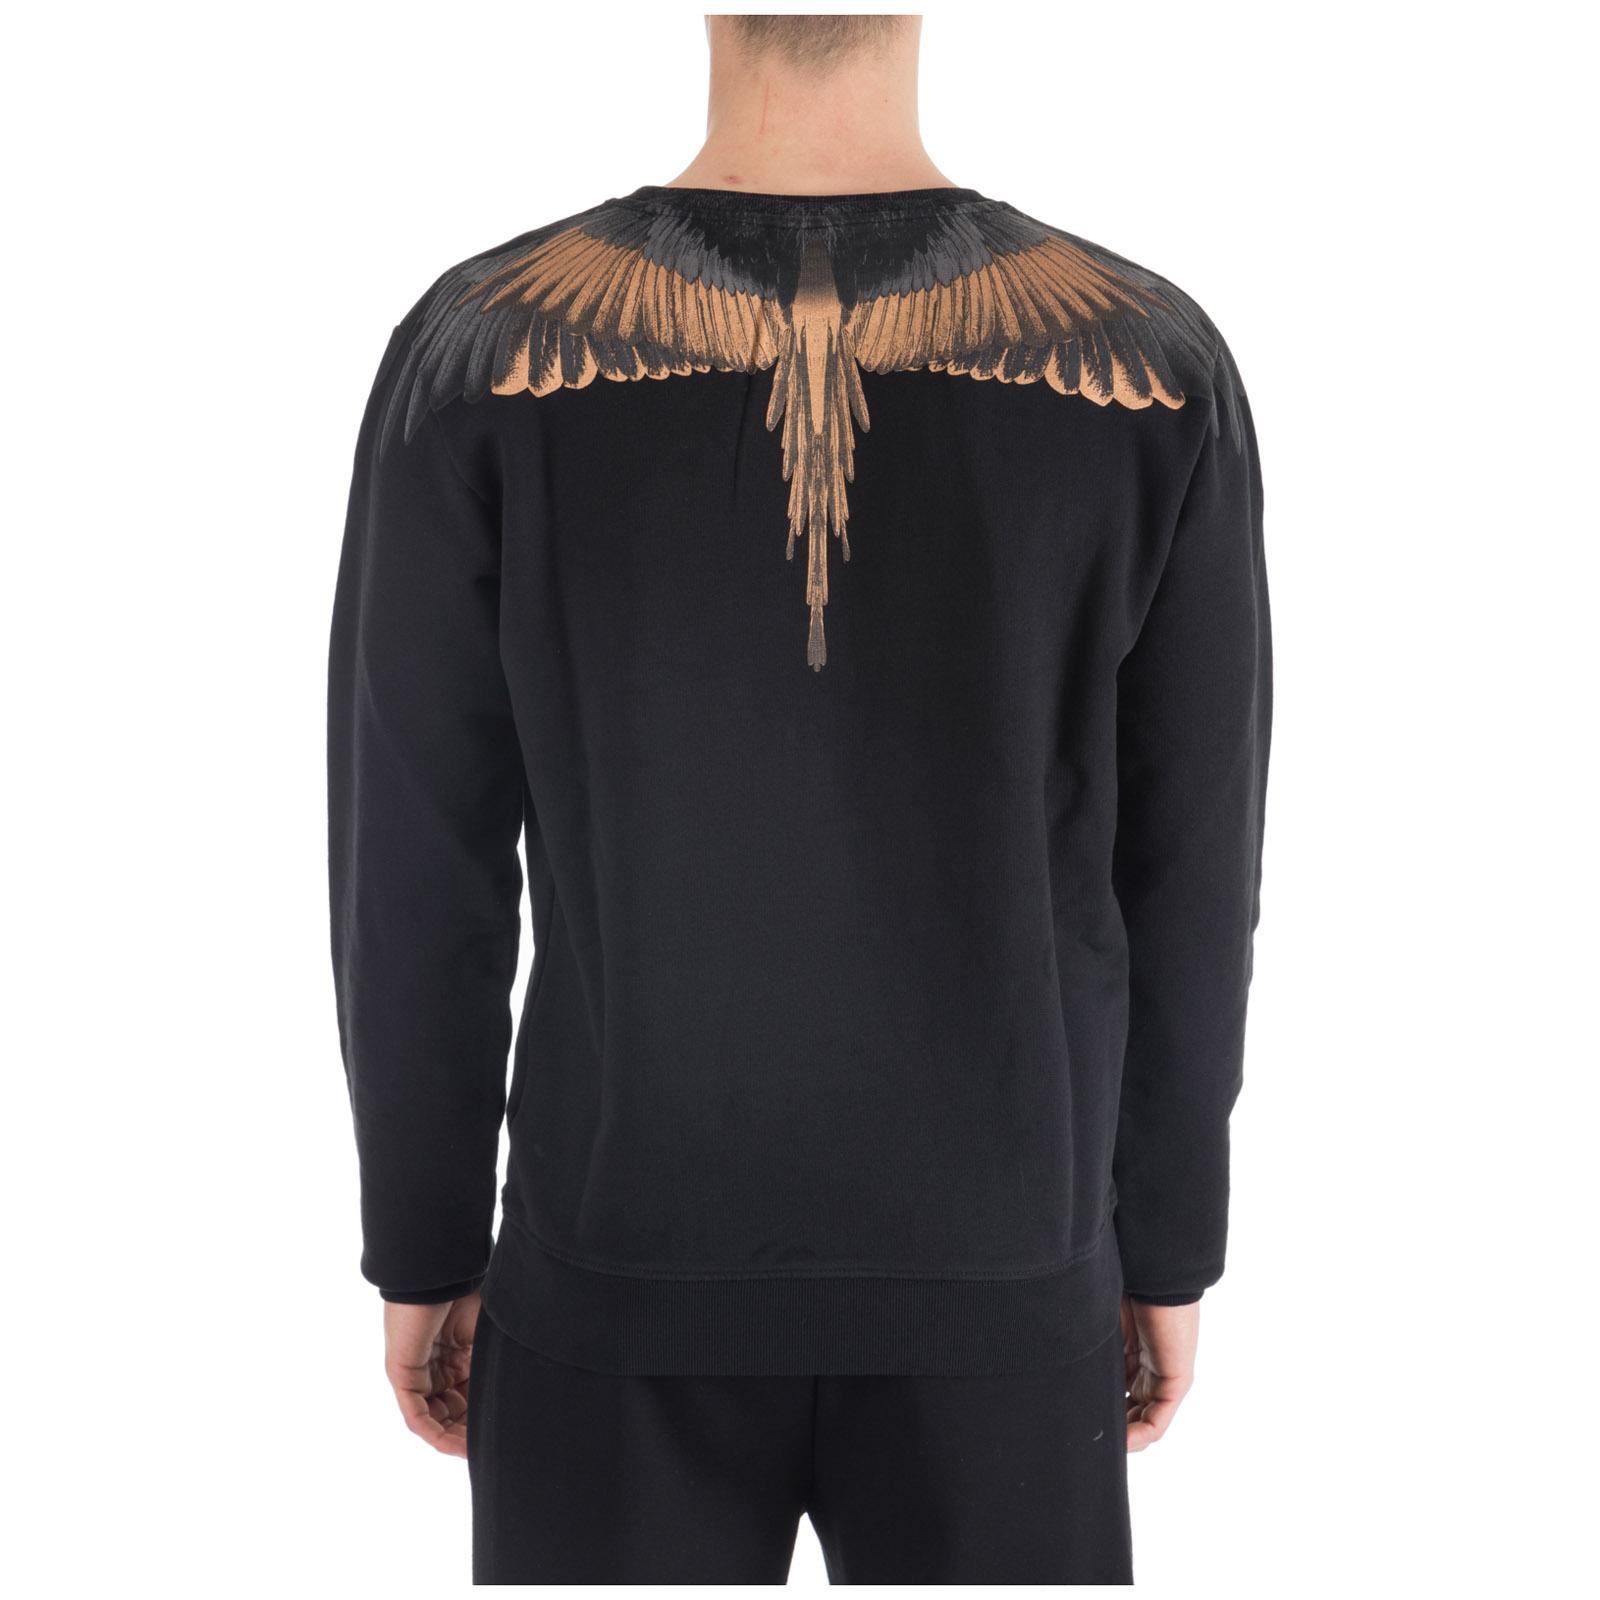 negozio online 5f1e7 84525 Felpa uomo wings